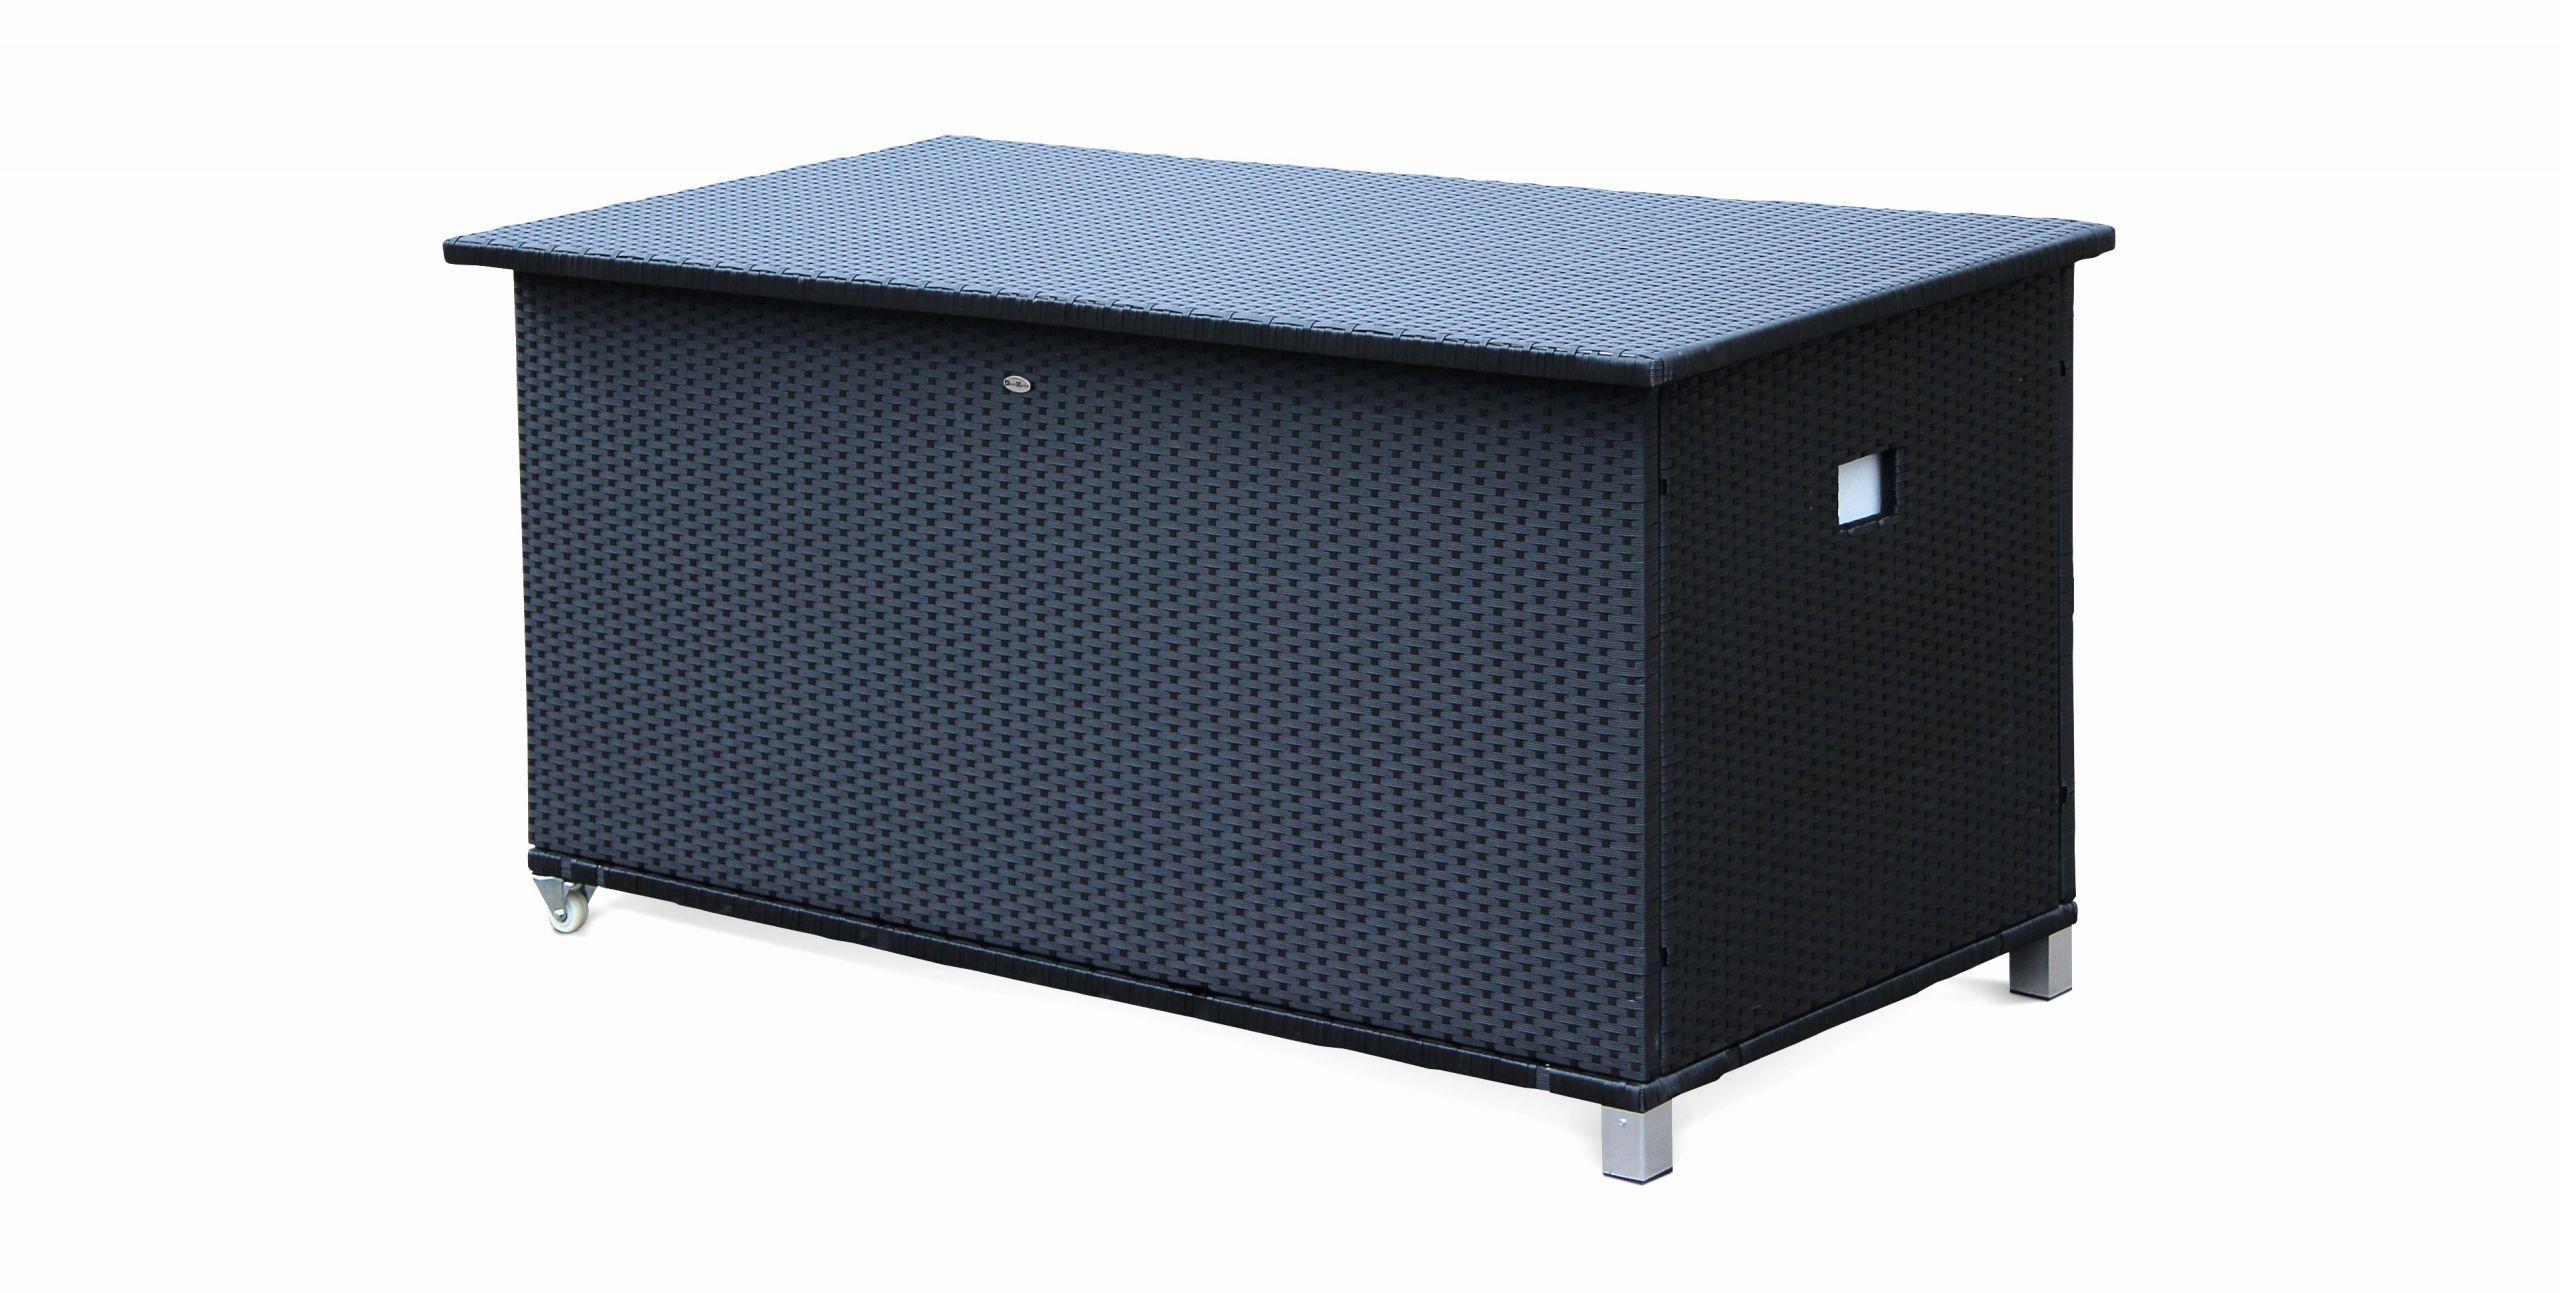 banc de jardin resine beau meuble en resine 36 haut armoire exterieur resine tressee des idees of banc de jardin resine